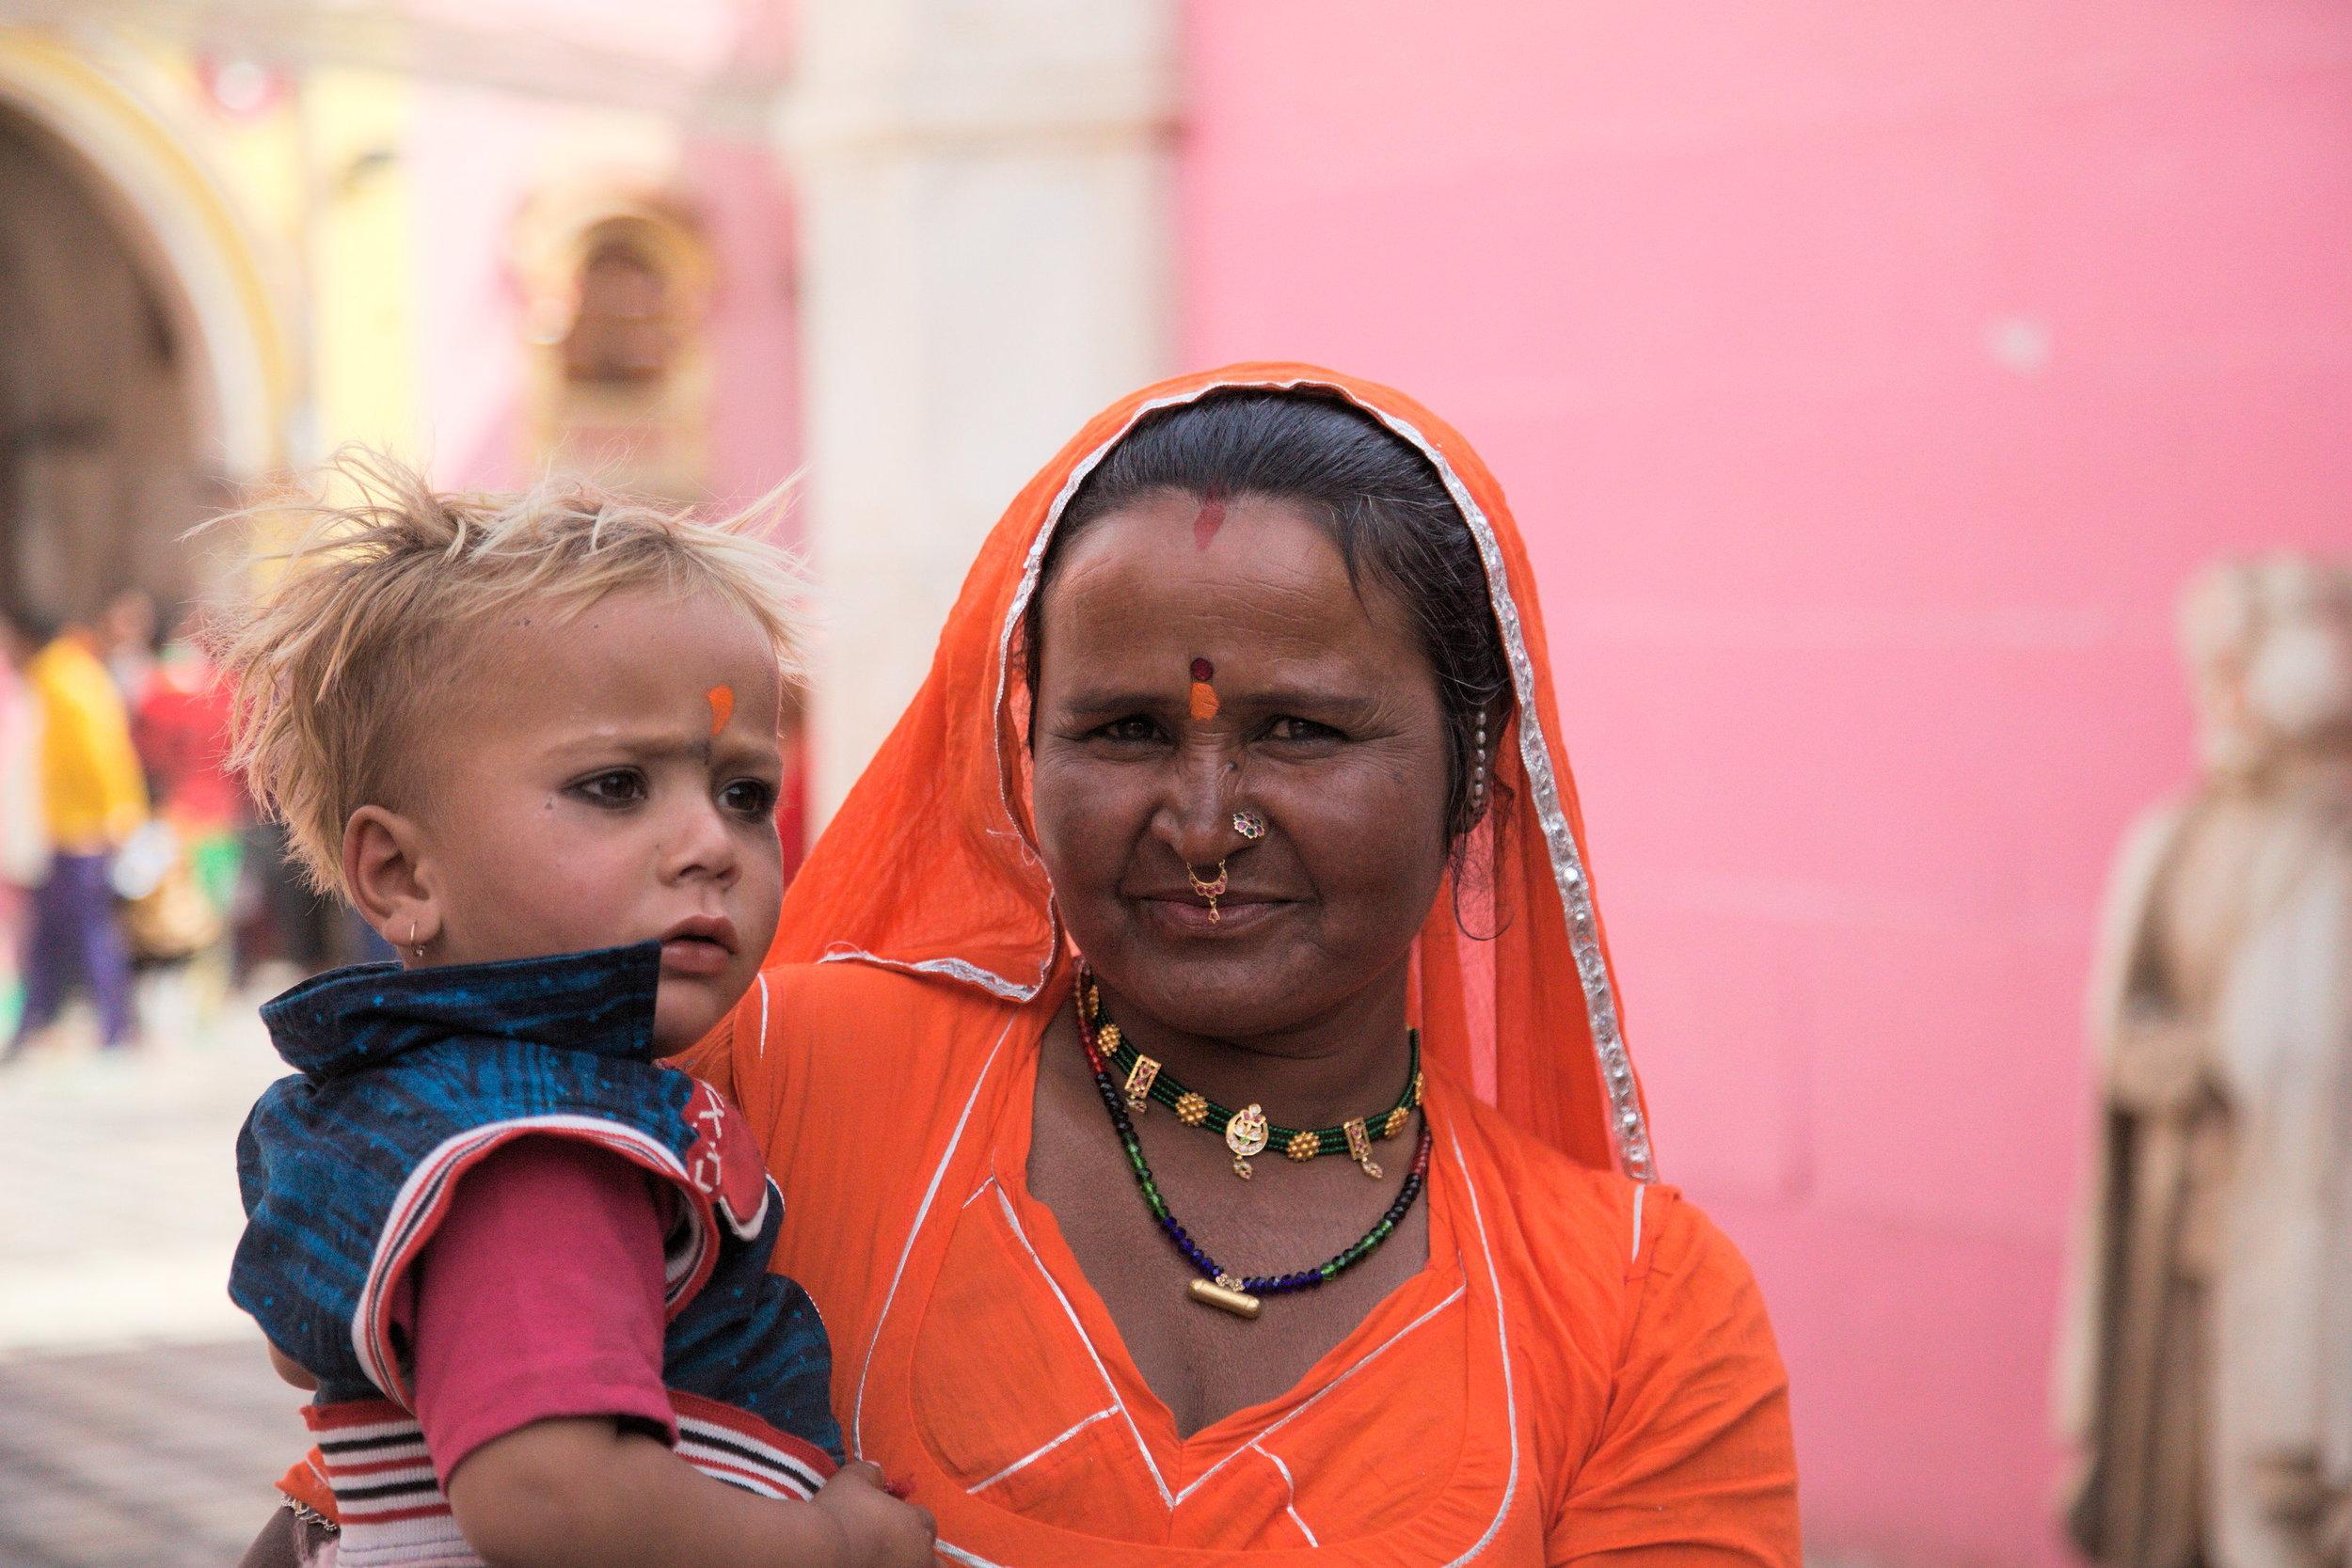 Worshippers at Karni Mata temple, Rajasthan